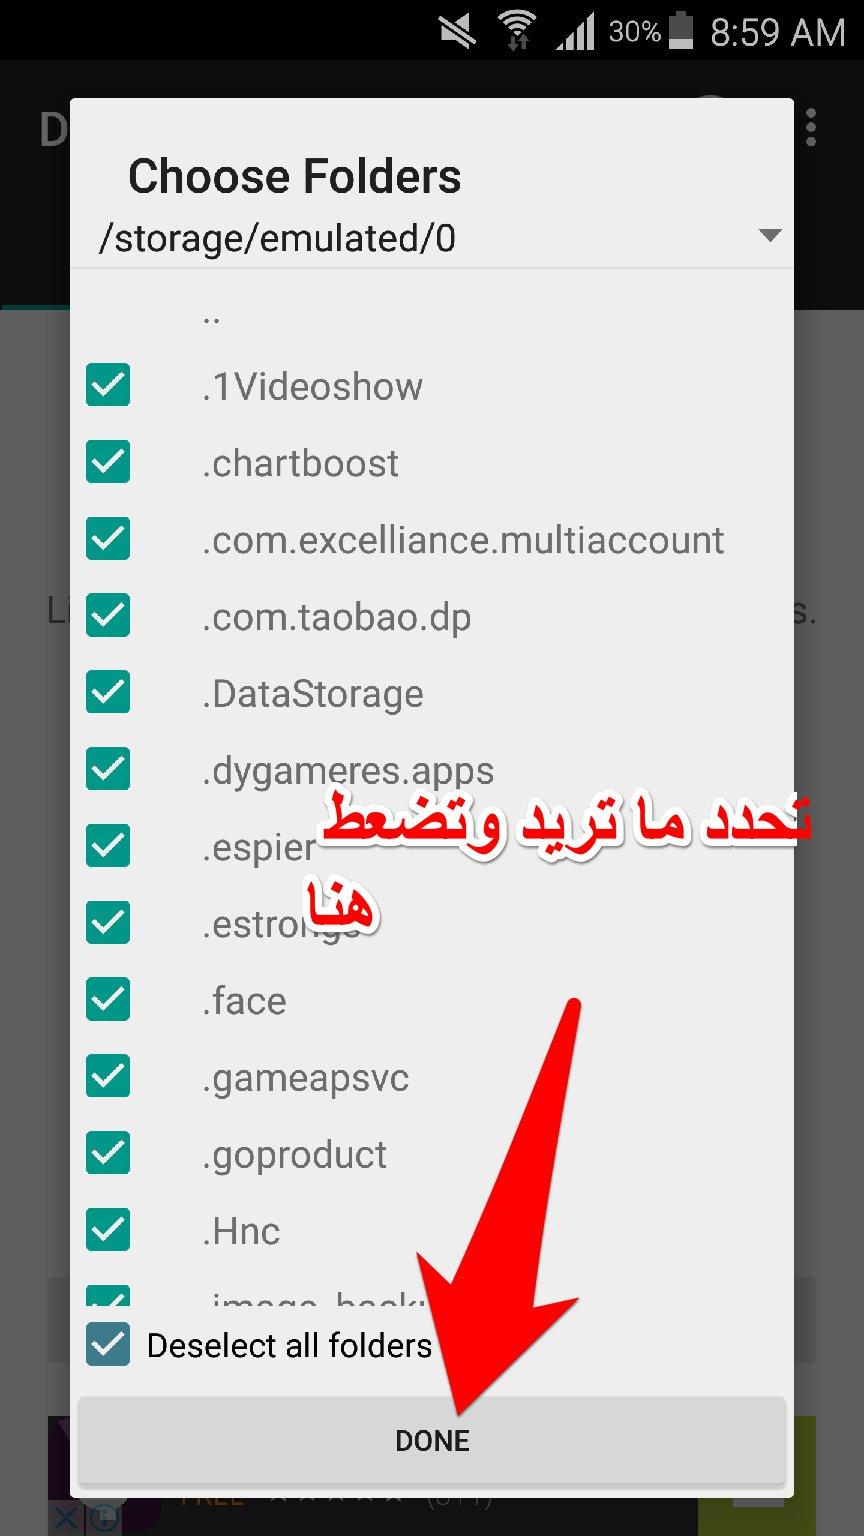 تطبيق لحذف الصور الفيديوهات والموسيقى المكررة على جوالك | بحرية درويد